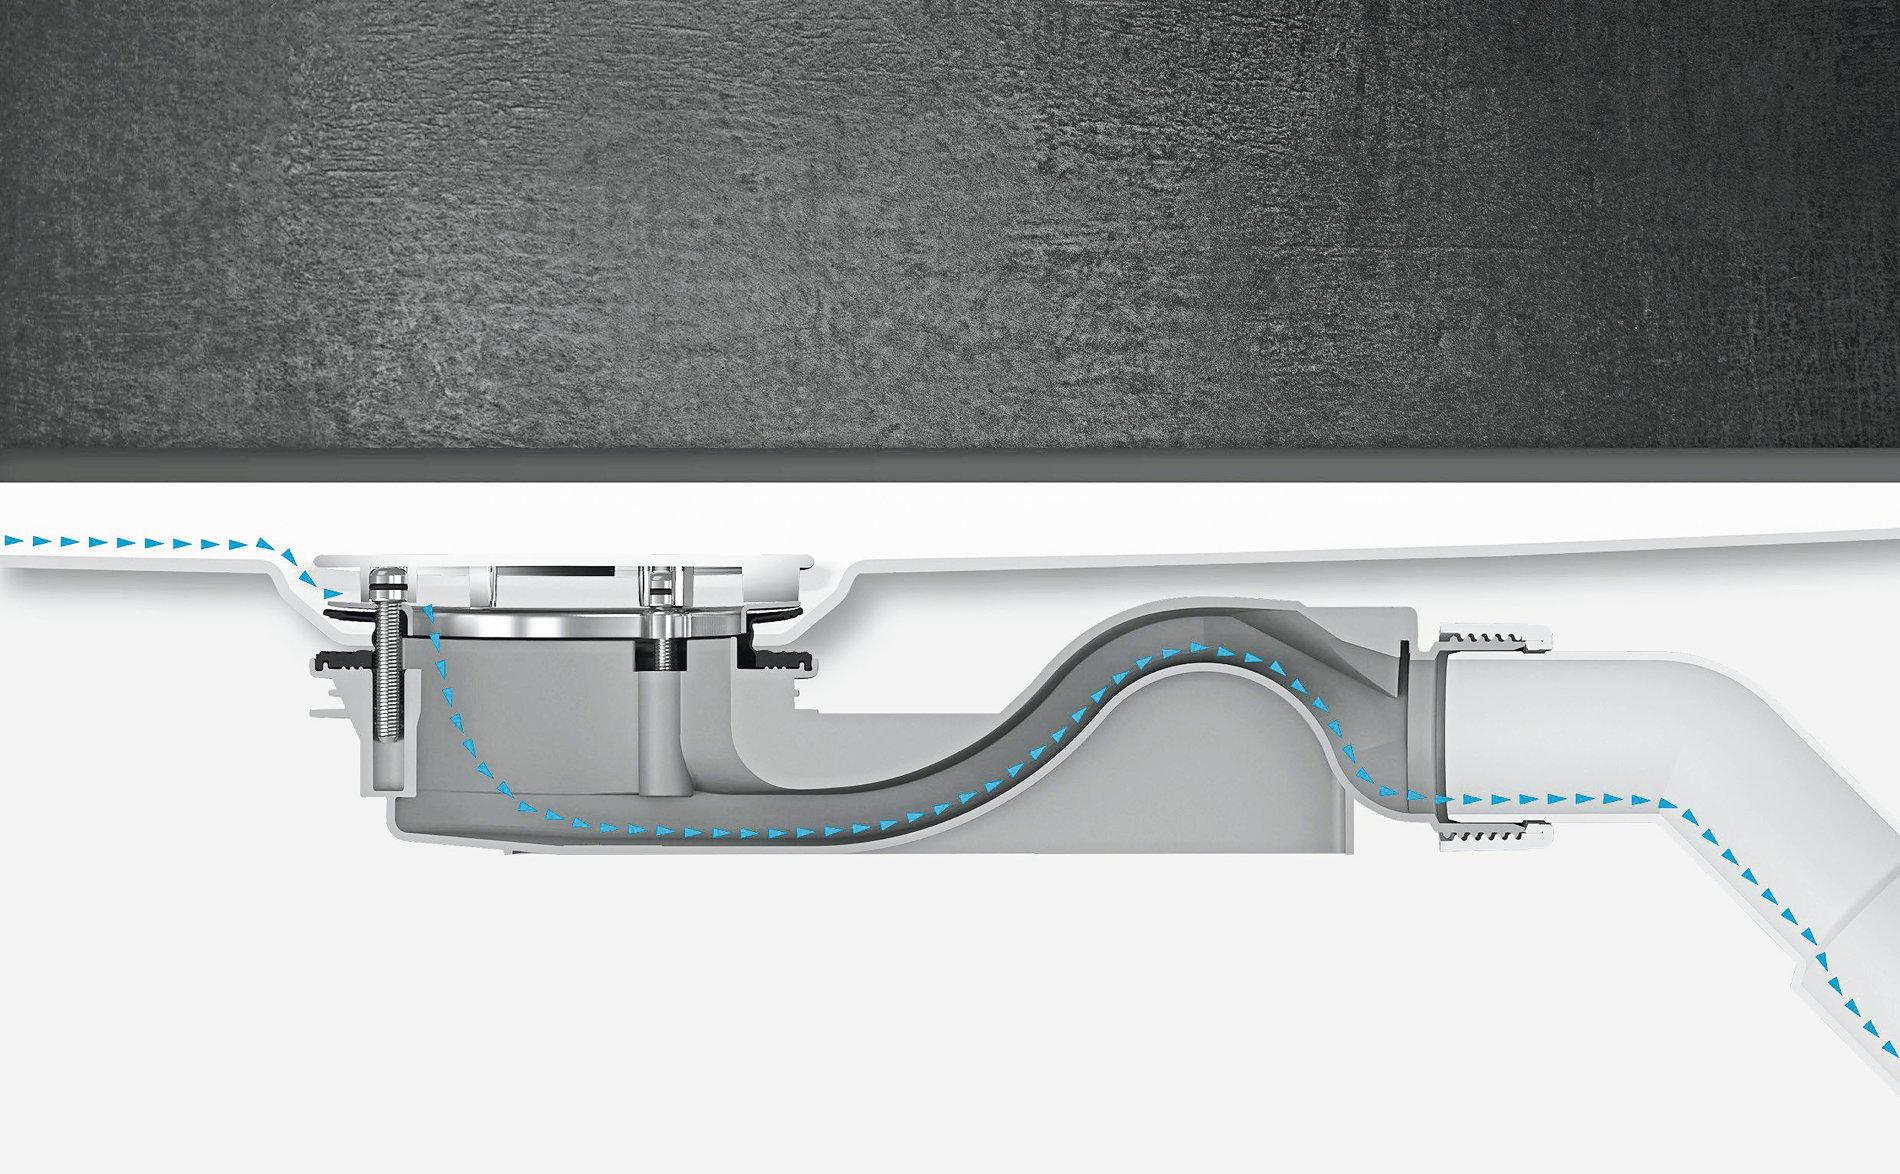 Full Size of Badewannen Innovativer Abfluss Bei Bette Tophotelde Außergewöhnliche Betten Weiße Tagesdecken Für Amerikanische Günstige 140x200 Französische Billerbeck Bett Bette Badewannen